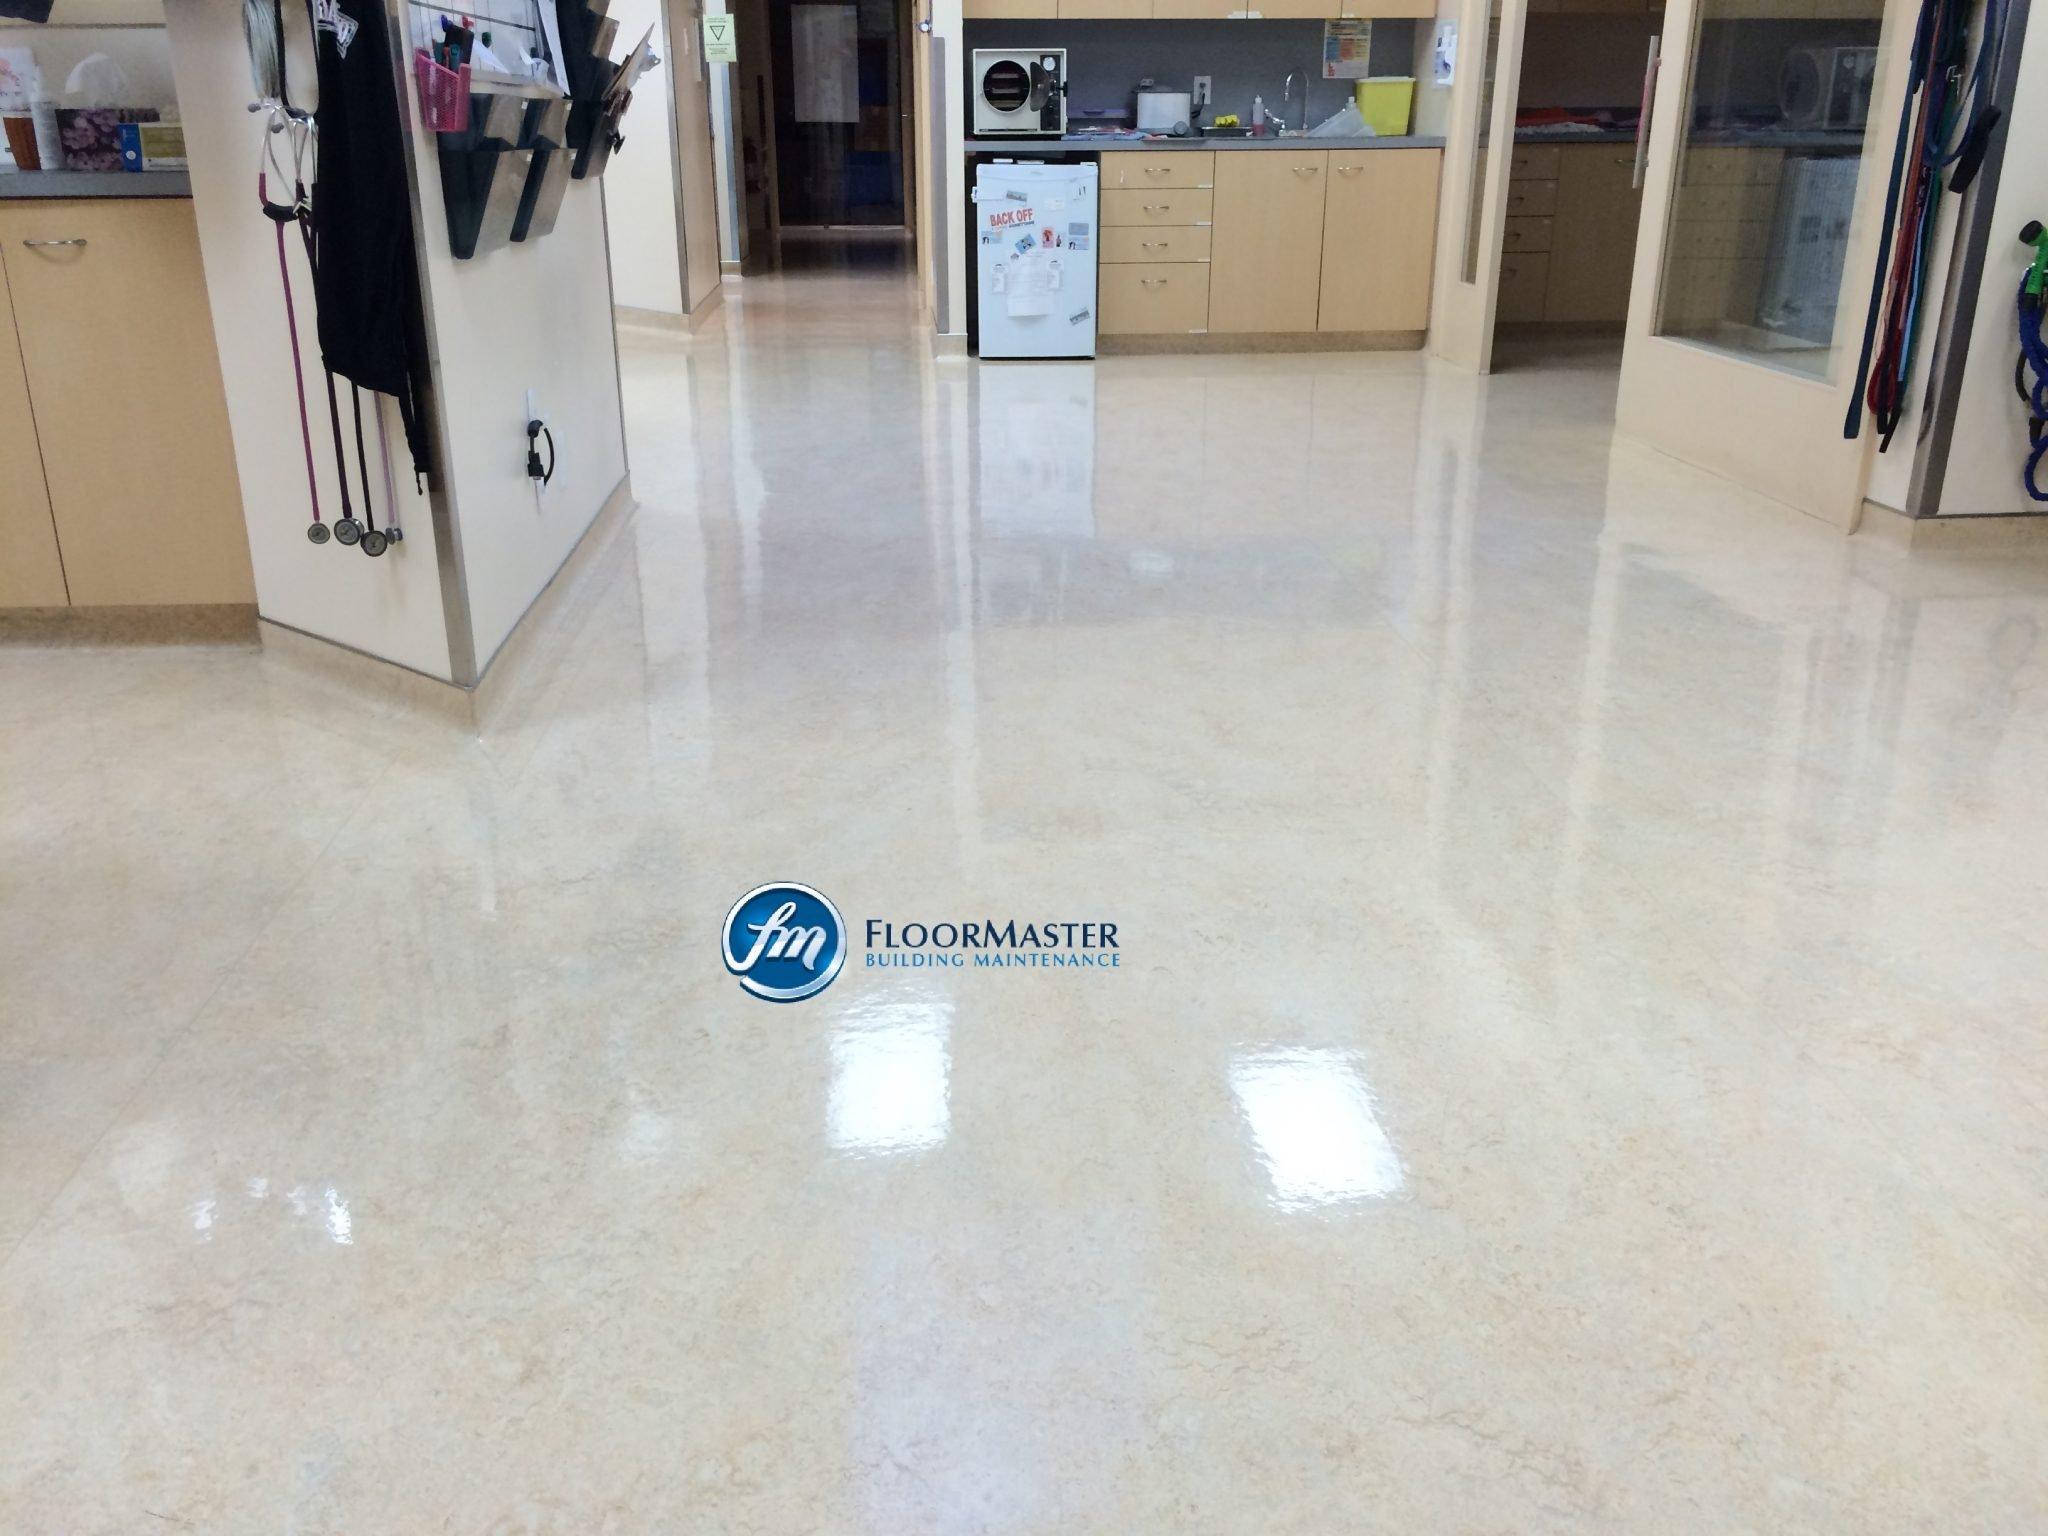 Floor Master Building Maintenance Floor Stripping